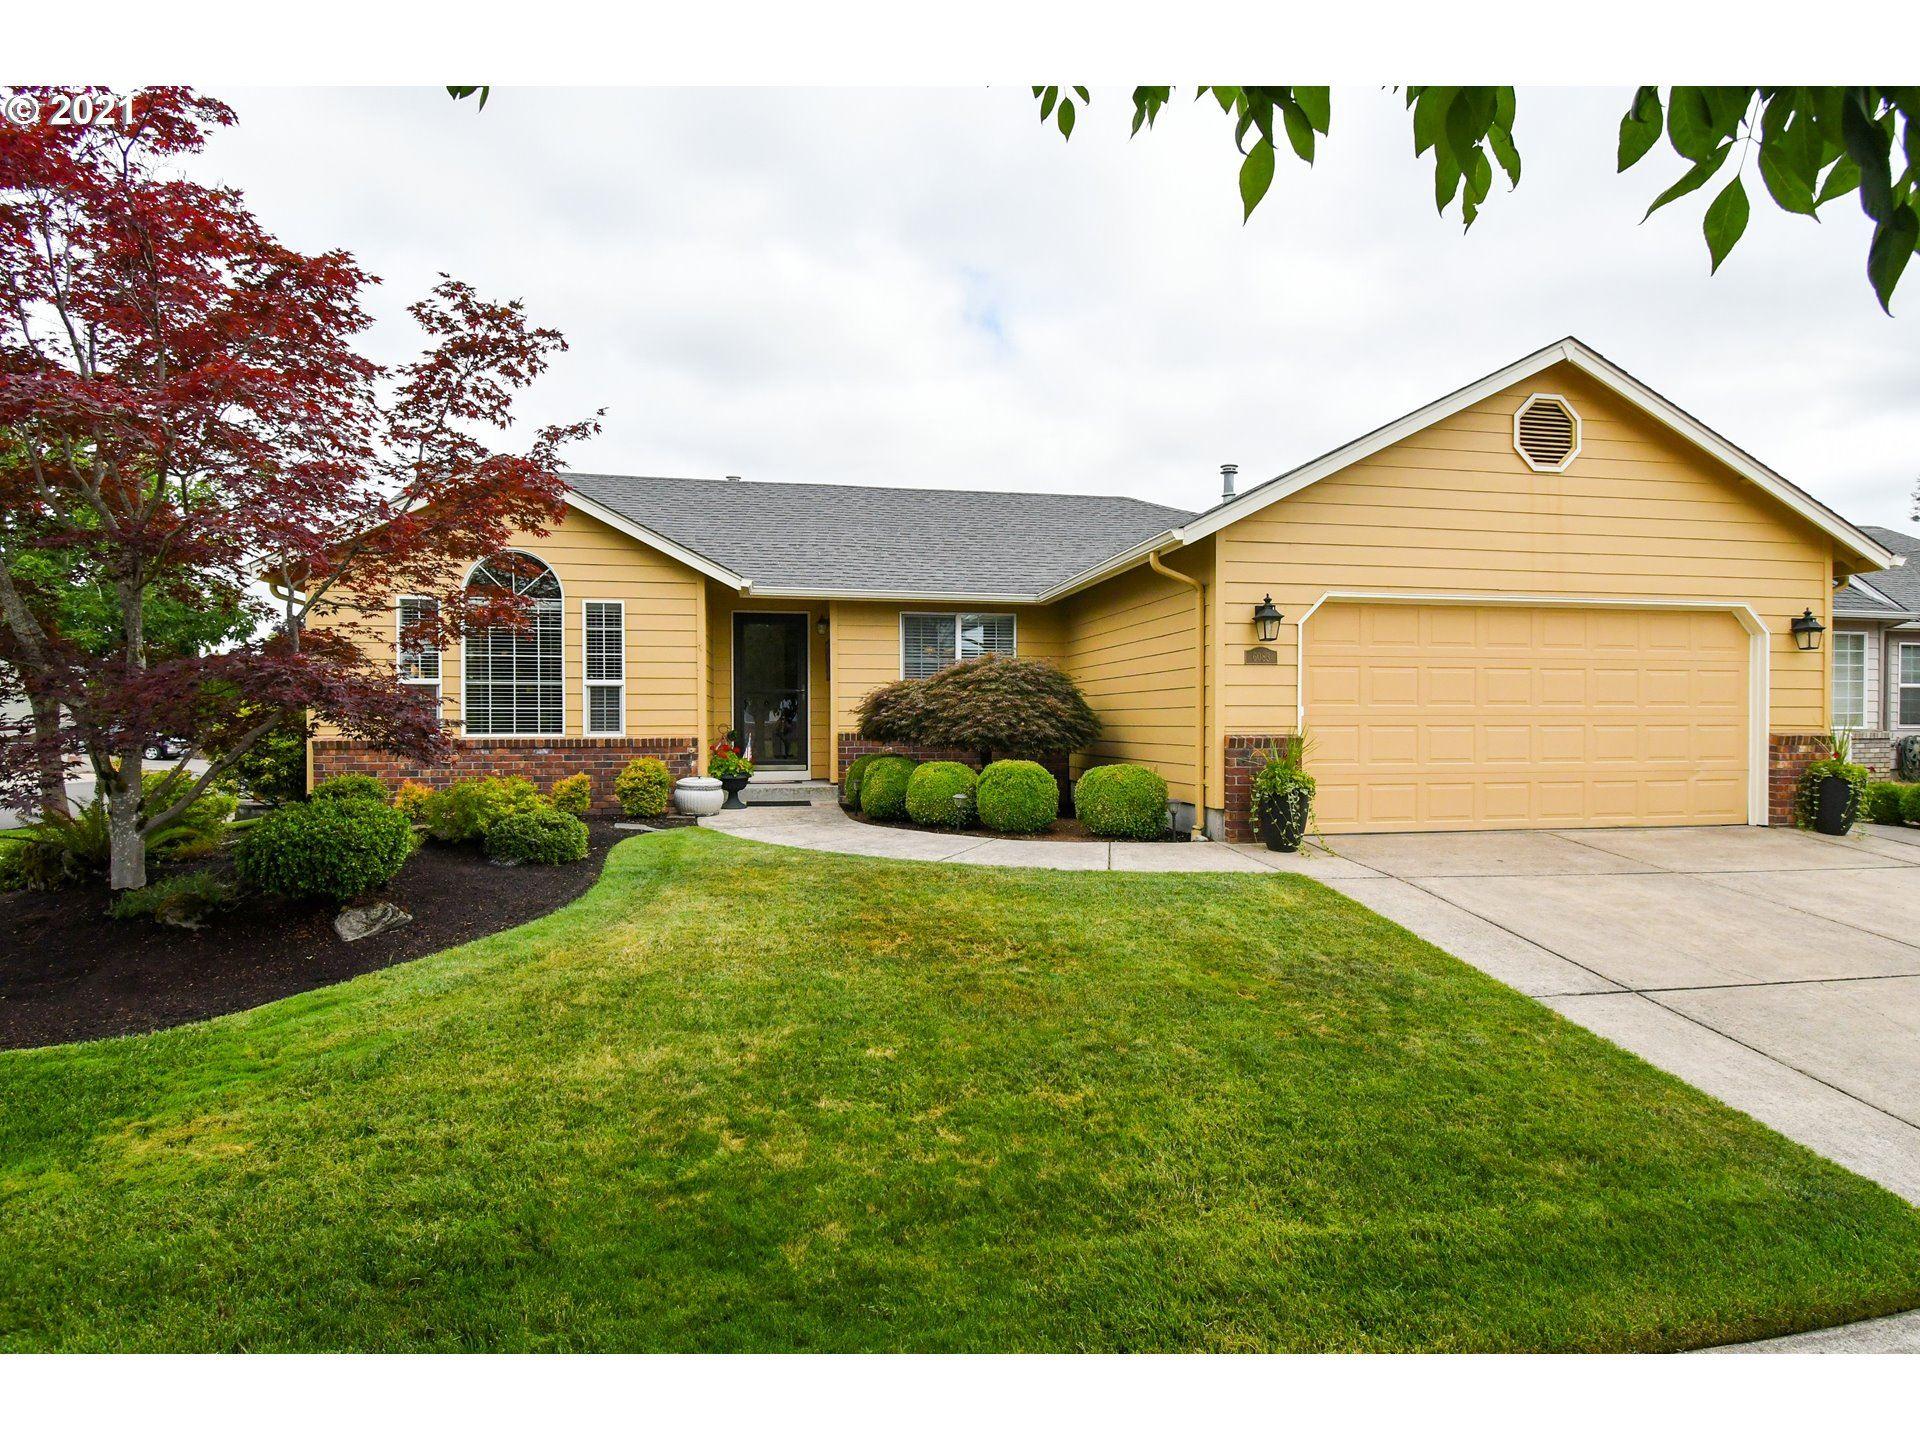 6083 ST HELENA, Eugene, OR 97402 - MLS#: 21652362